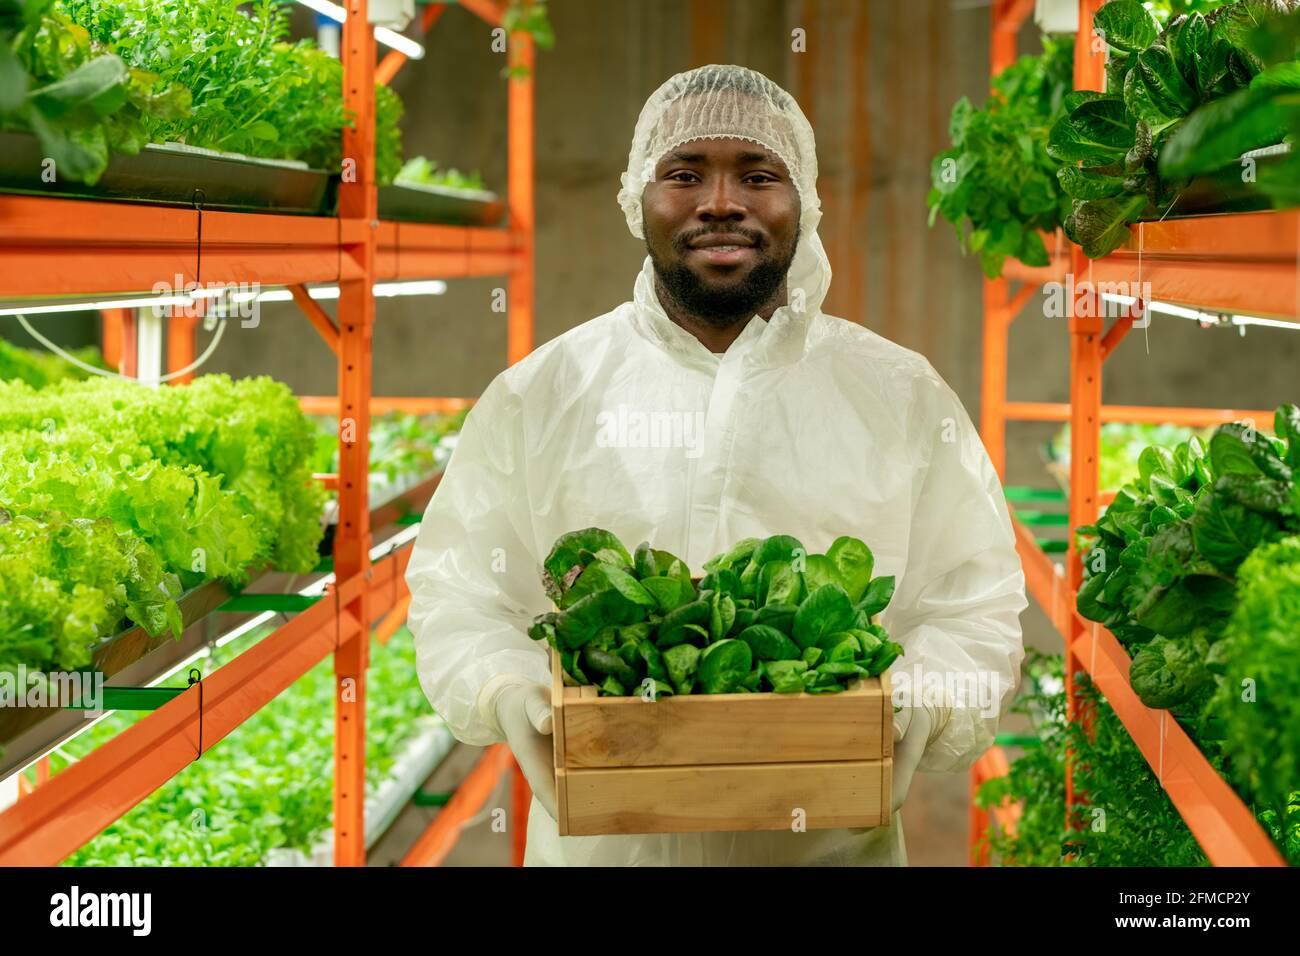 Portrait d'un ingénieur agricole barbu afro-américain positif en Cap et combinaison de protection tenant une petite boîte de semis verts à la verticale ferme Banque D'Images